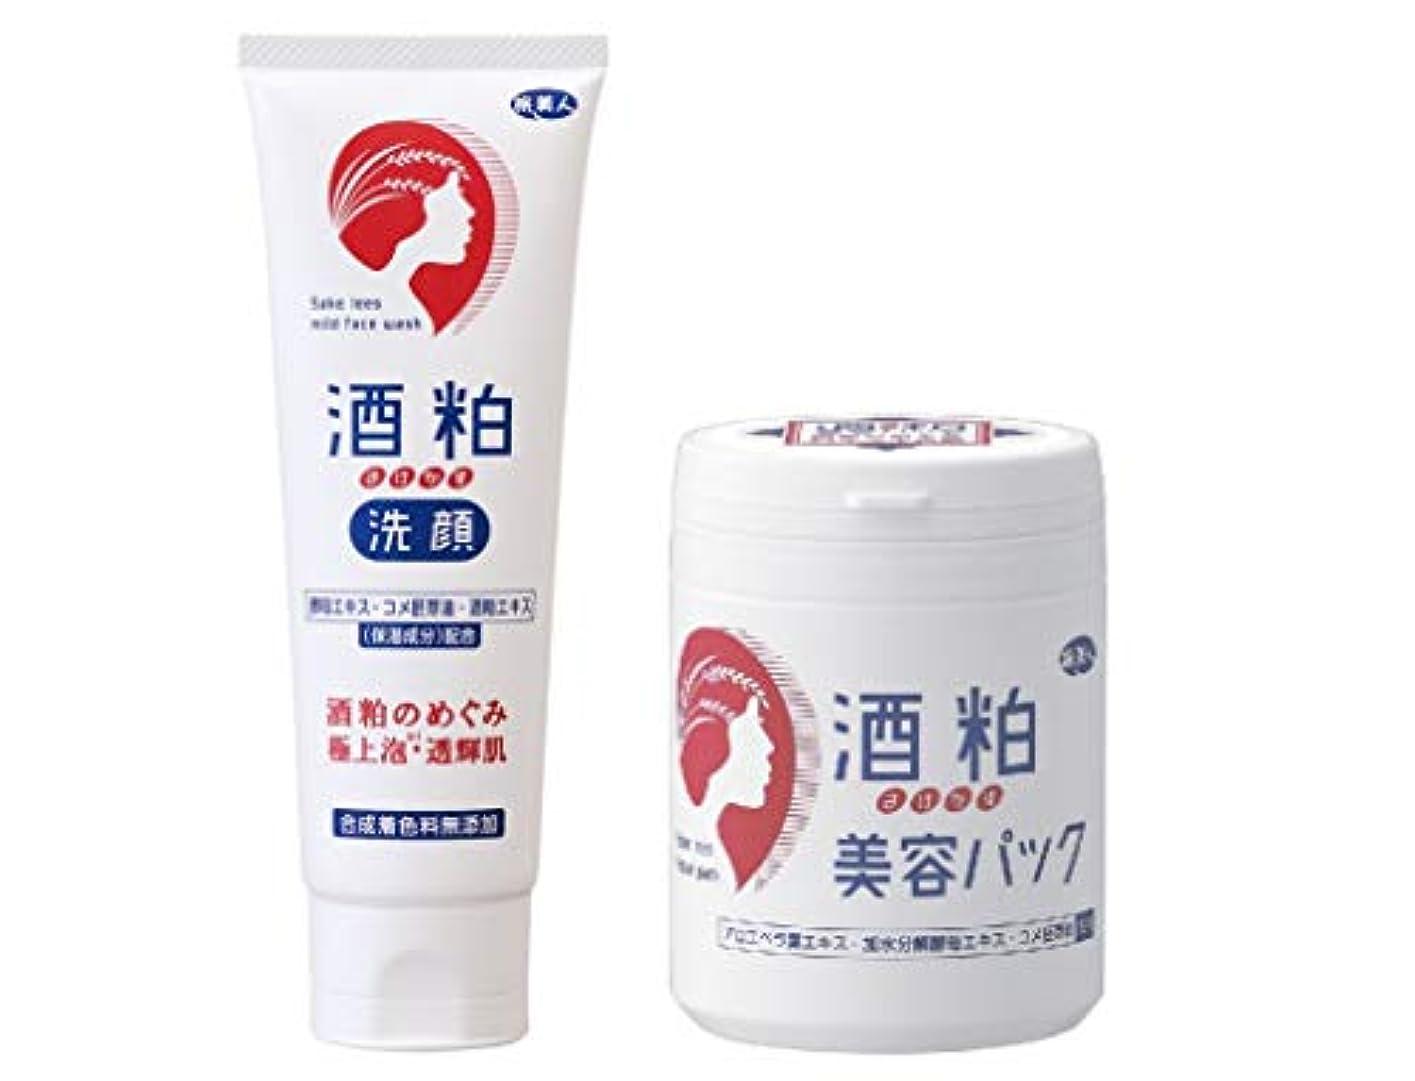 スクリーチ配当療法アズマ商事の 酒粕パック 酒粕洗顔フォーム セット